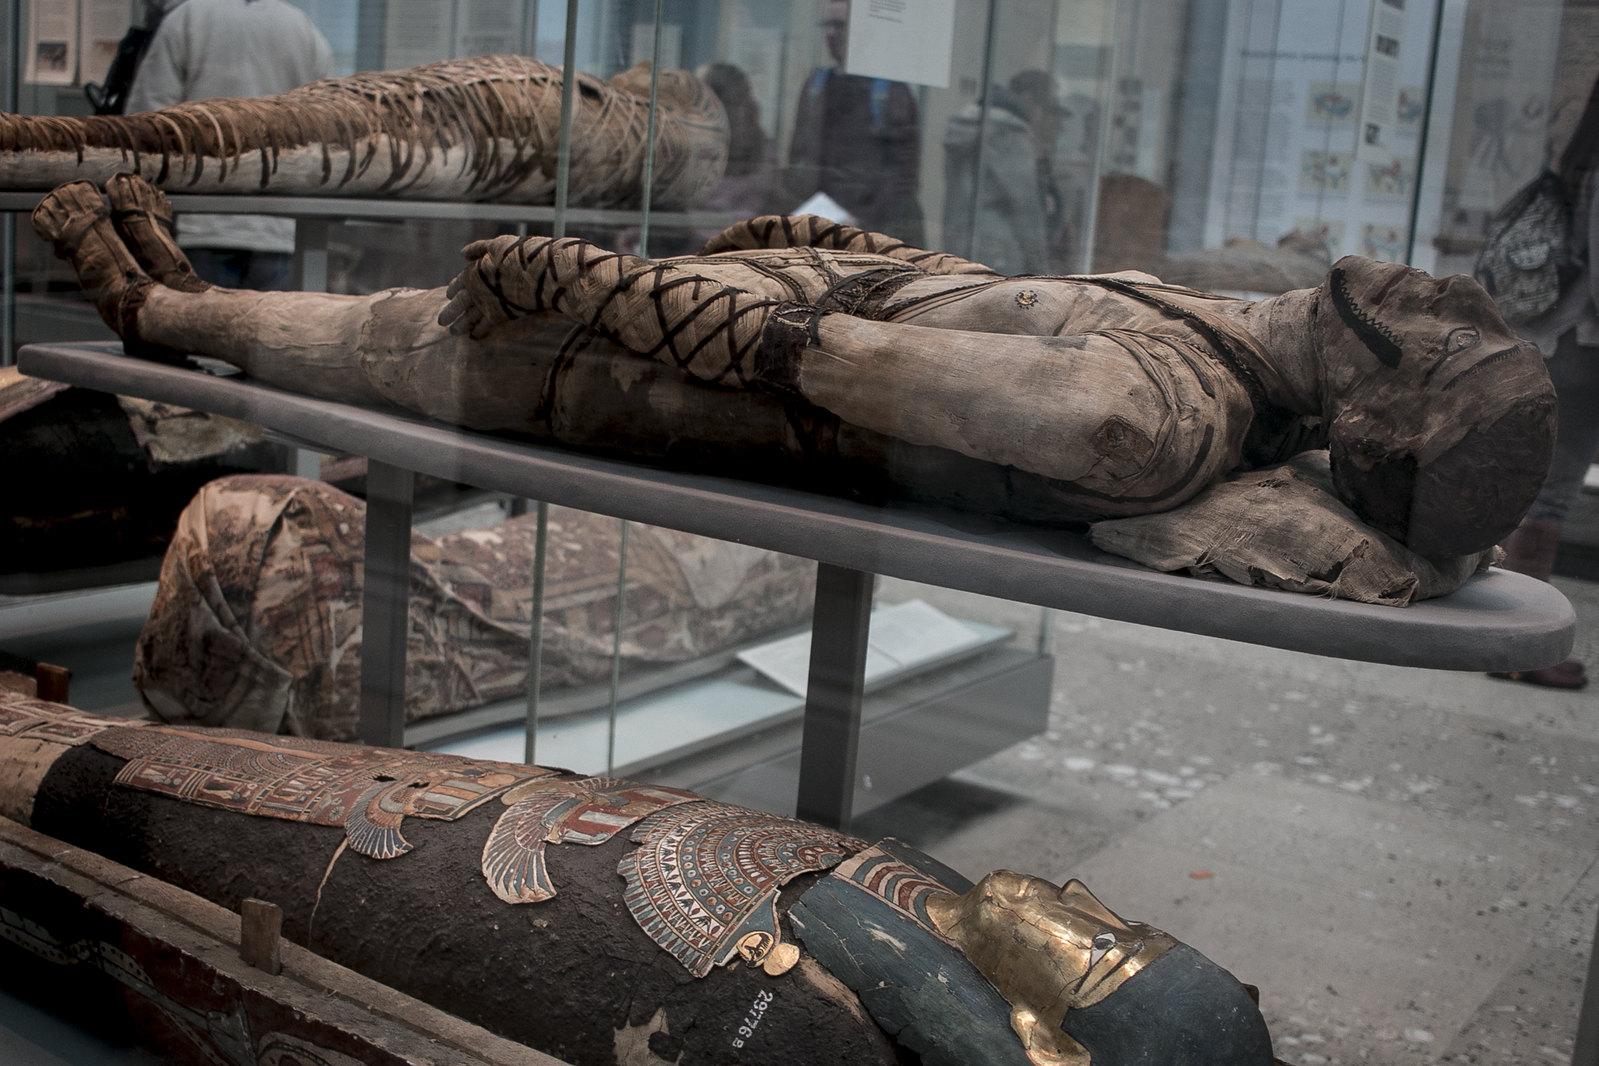 mummies in british museum, mummy, egyptian mummy, british museum